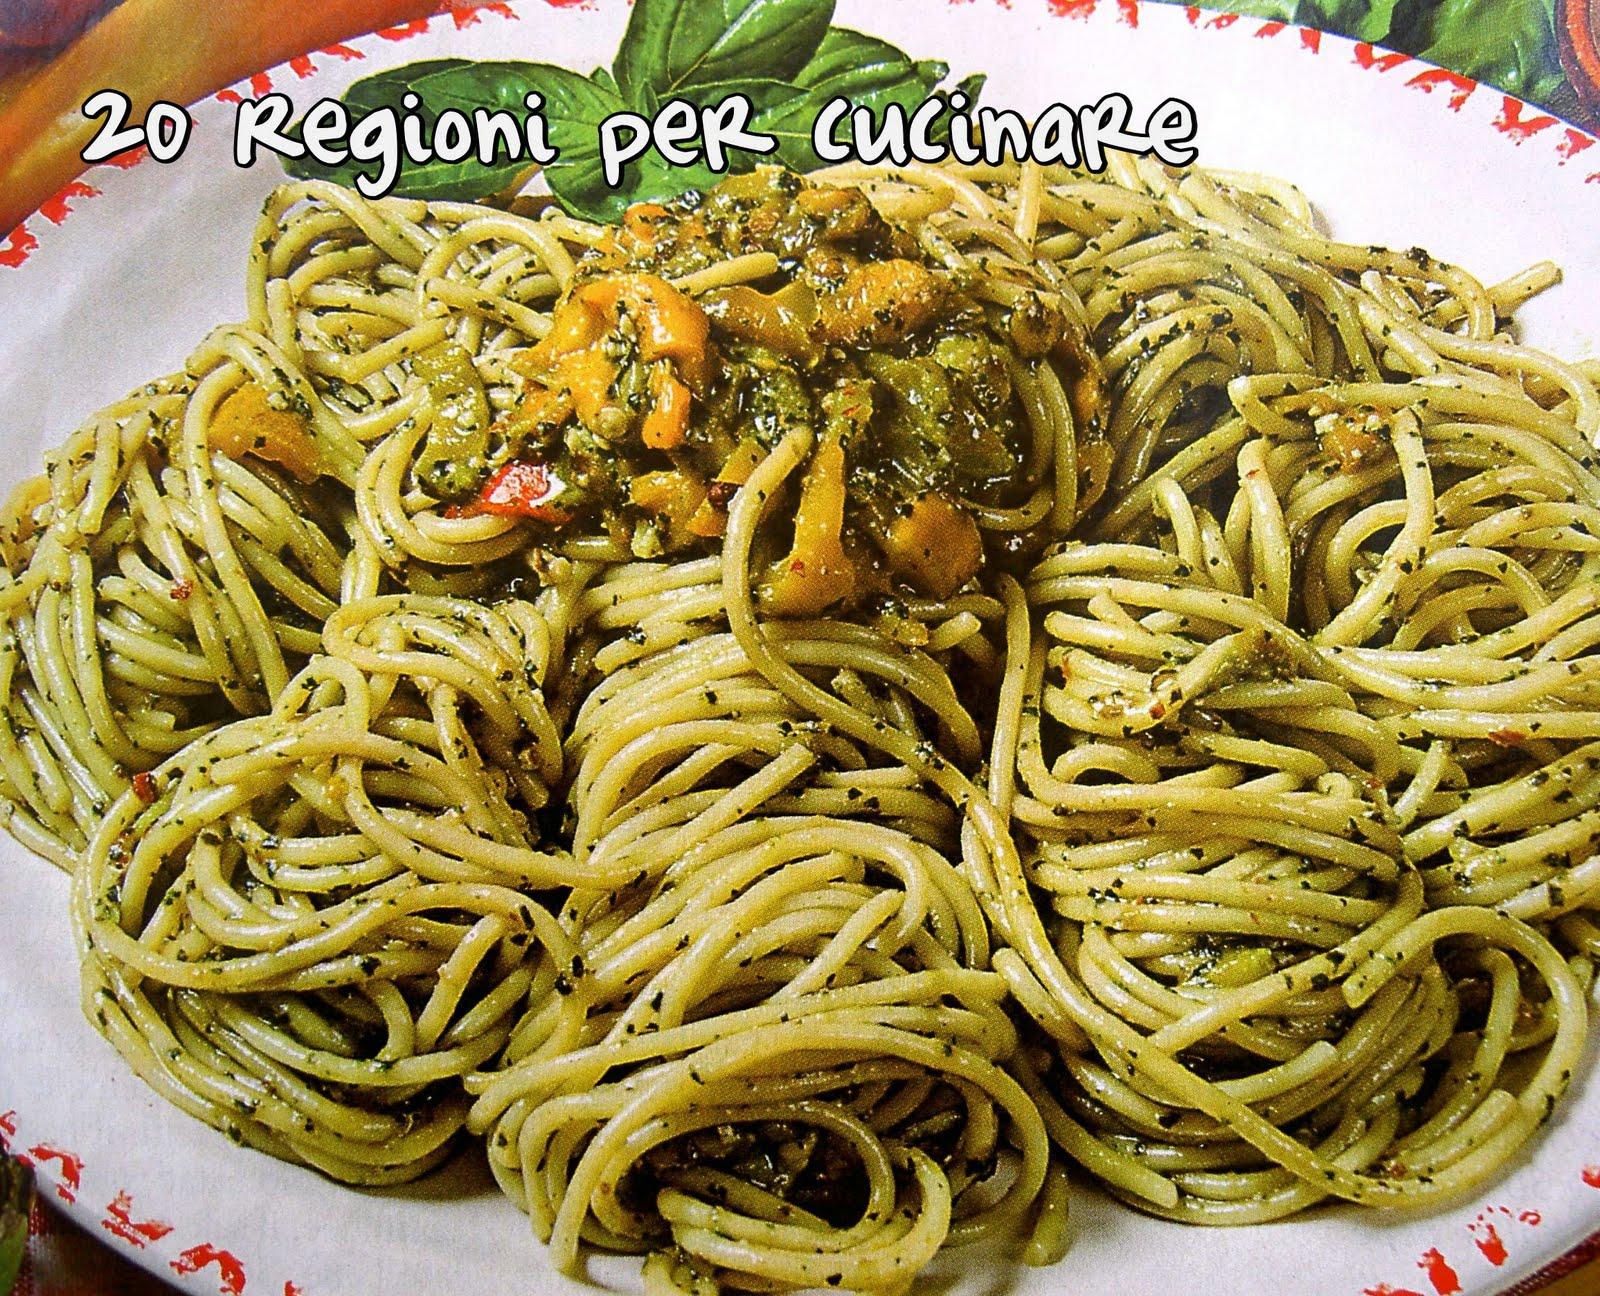 20 regioni per cucinare spaghetti con peperoni al pesto for Cucinare per 20 persone